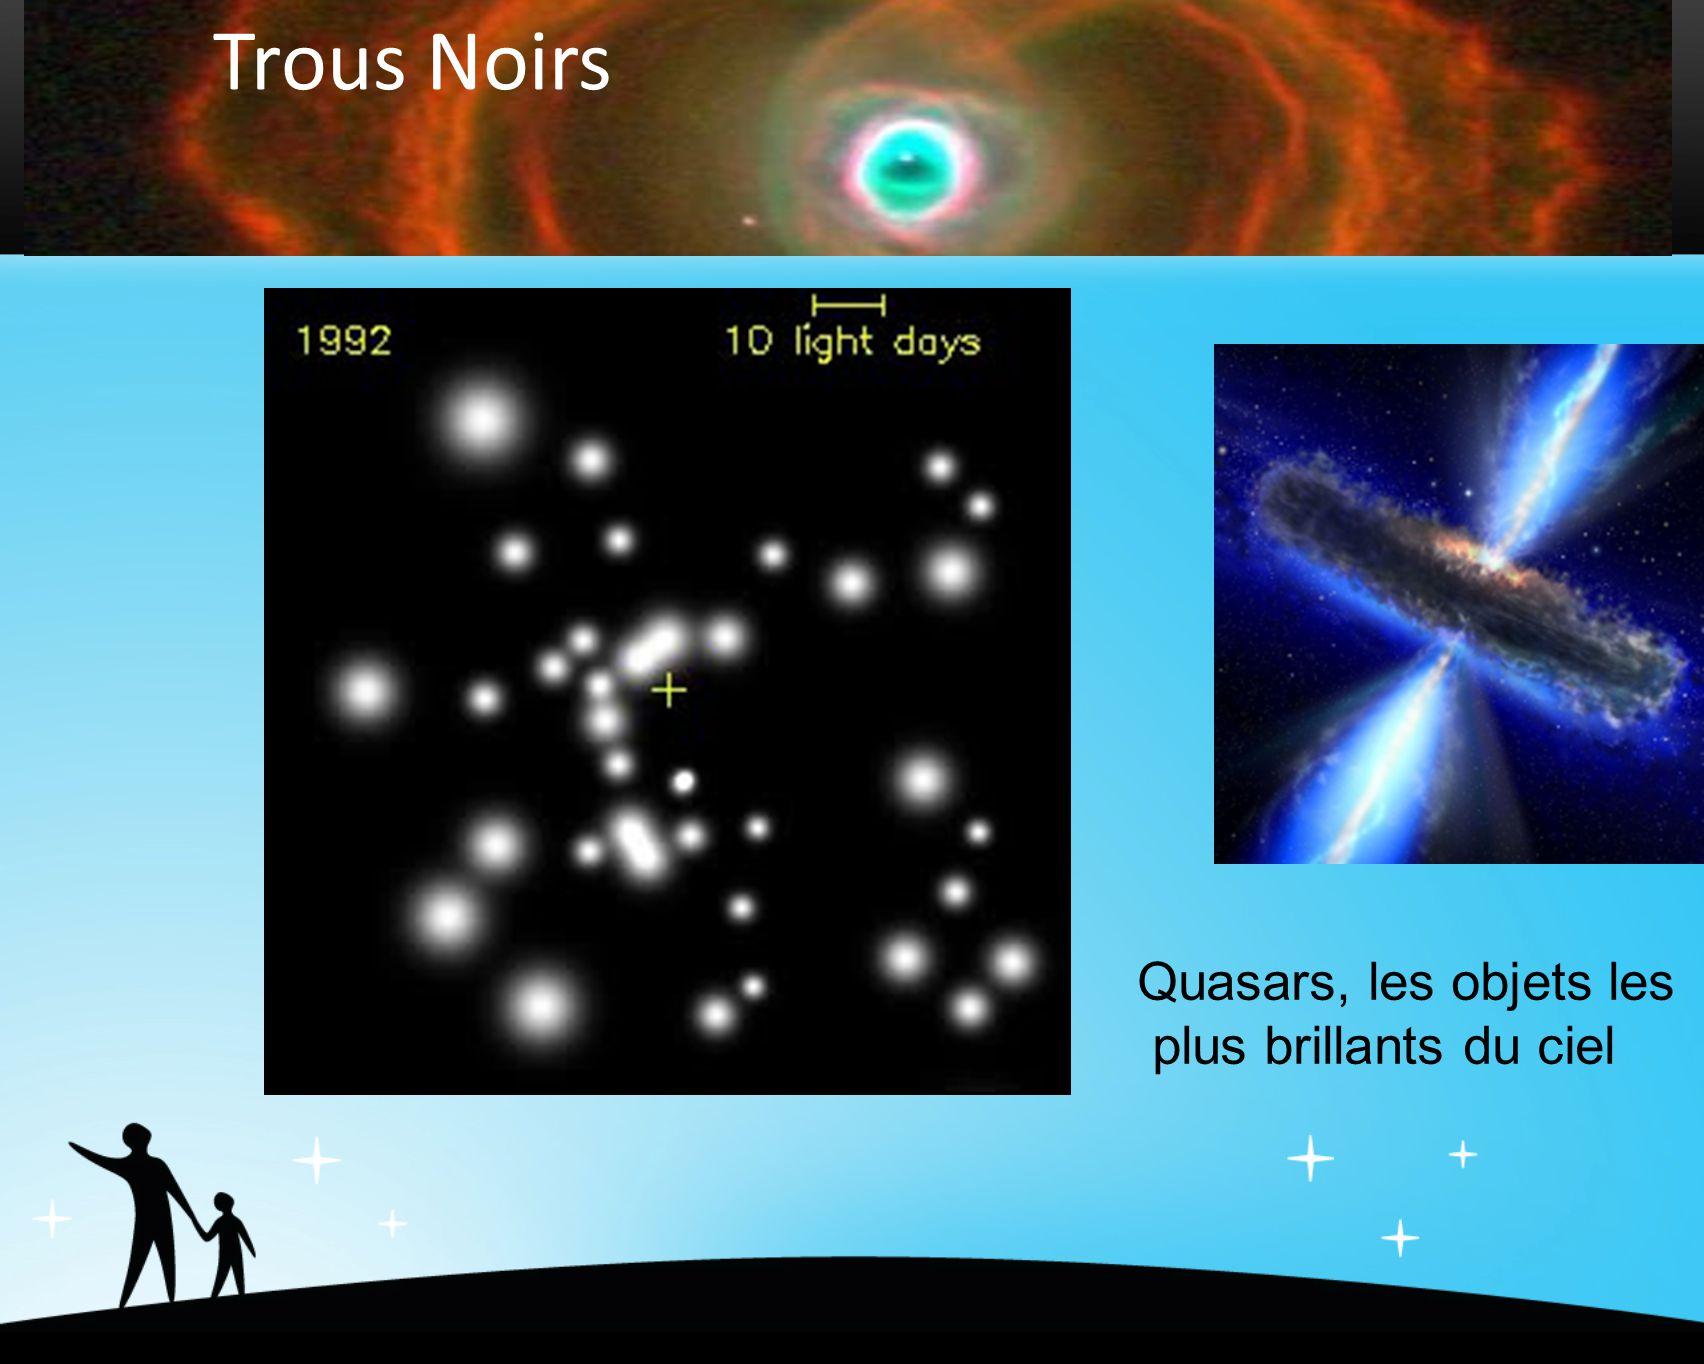 Trous Noirs Quasars, les objets les plus brillants du ciel